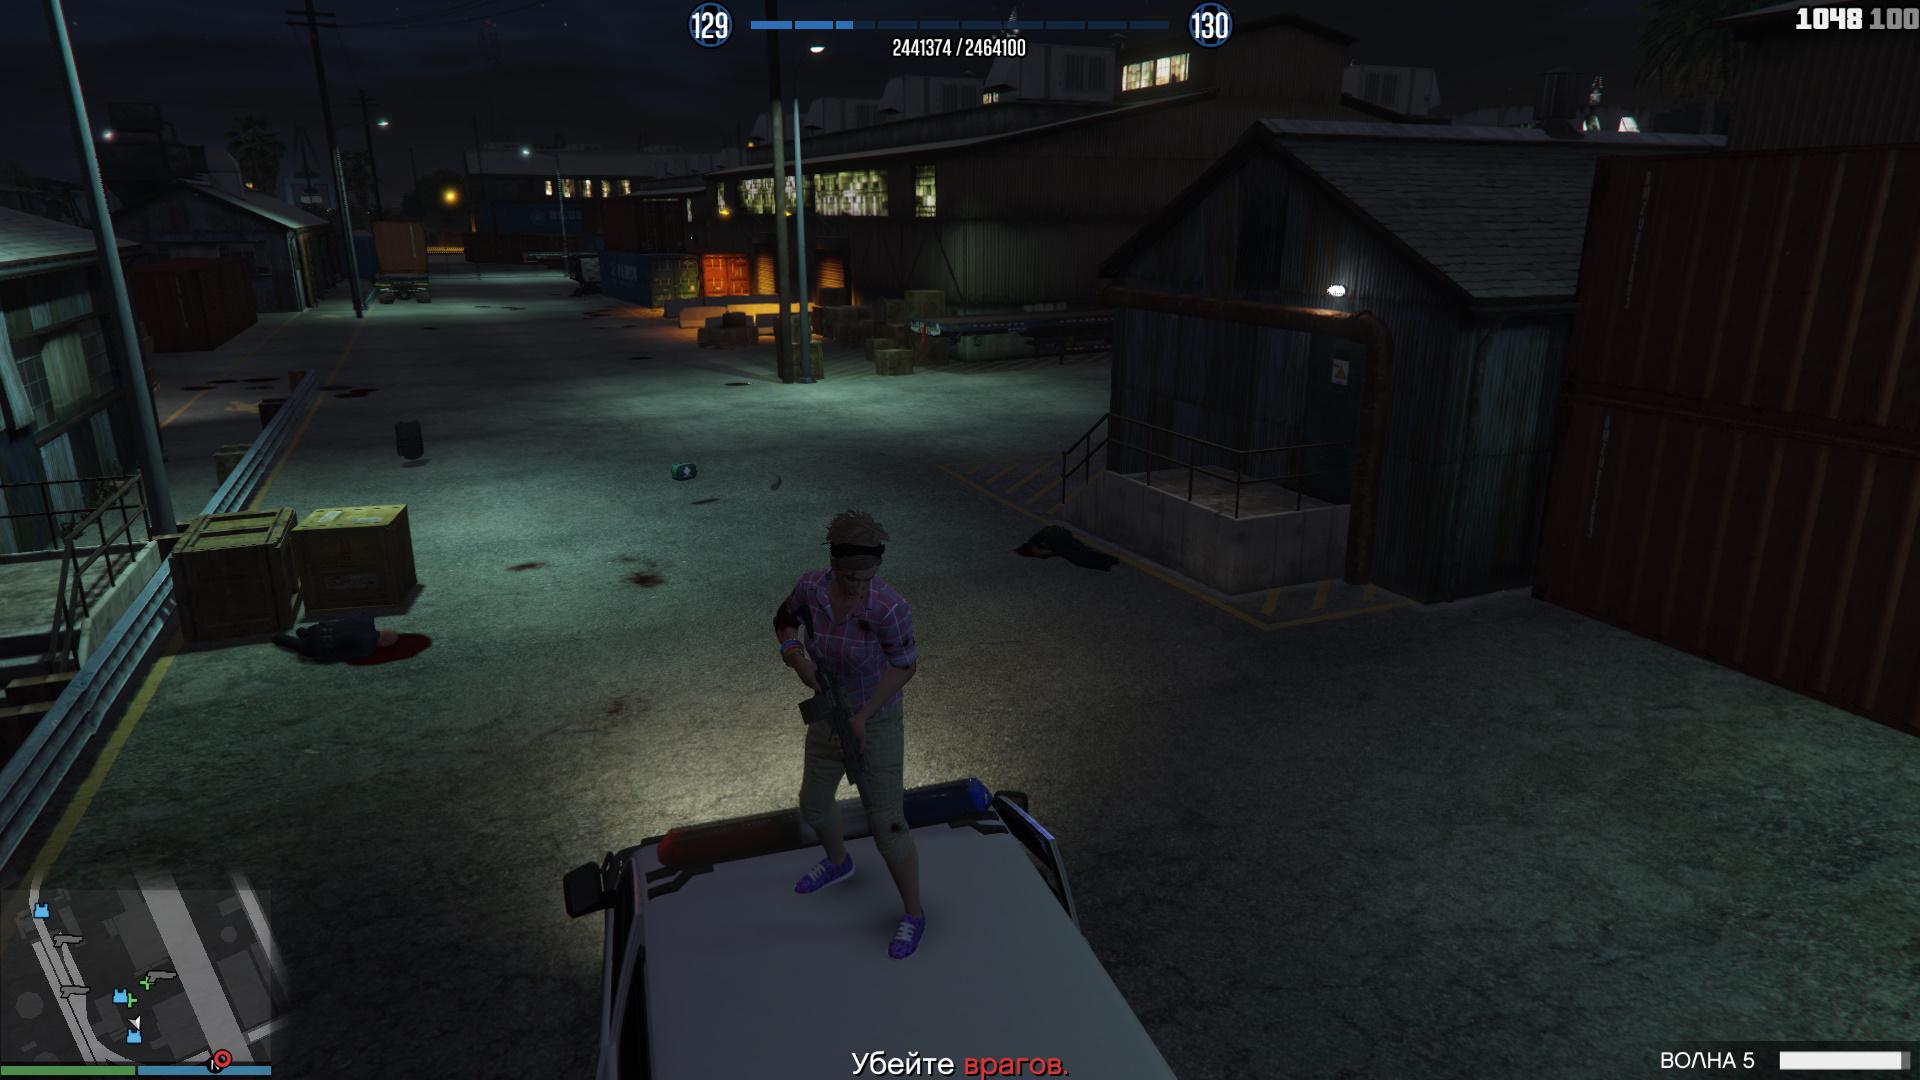 GTA5 2017-05-18 21-28-02-429.jpg - Grand Theft Auto 5 Открытый мир